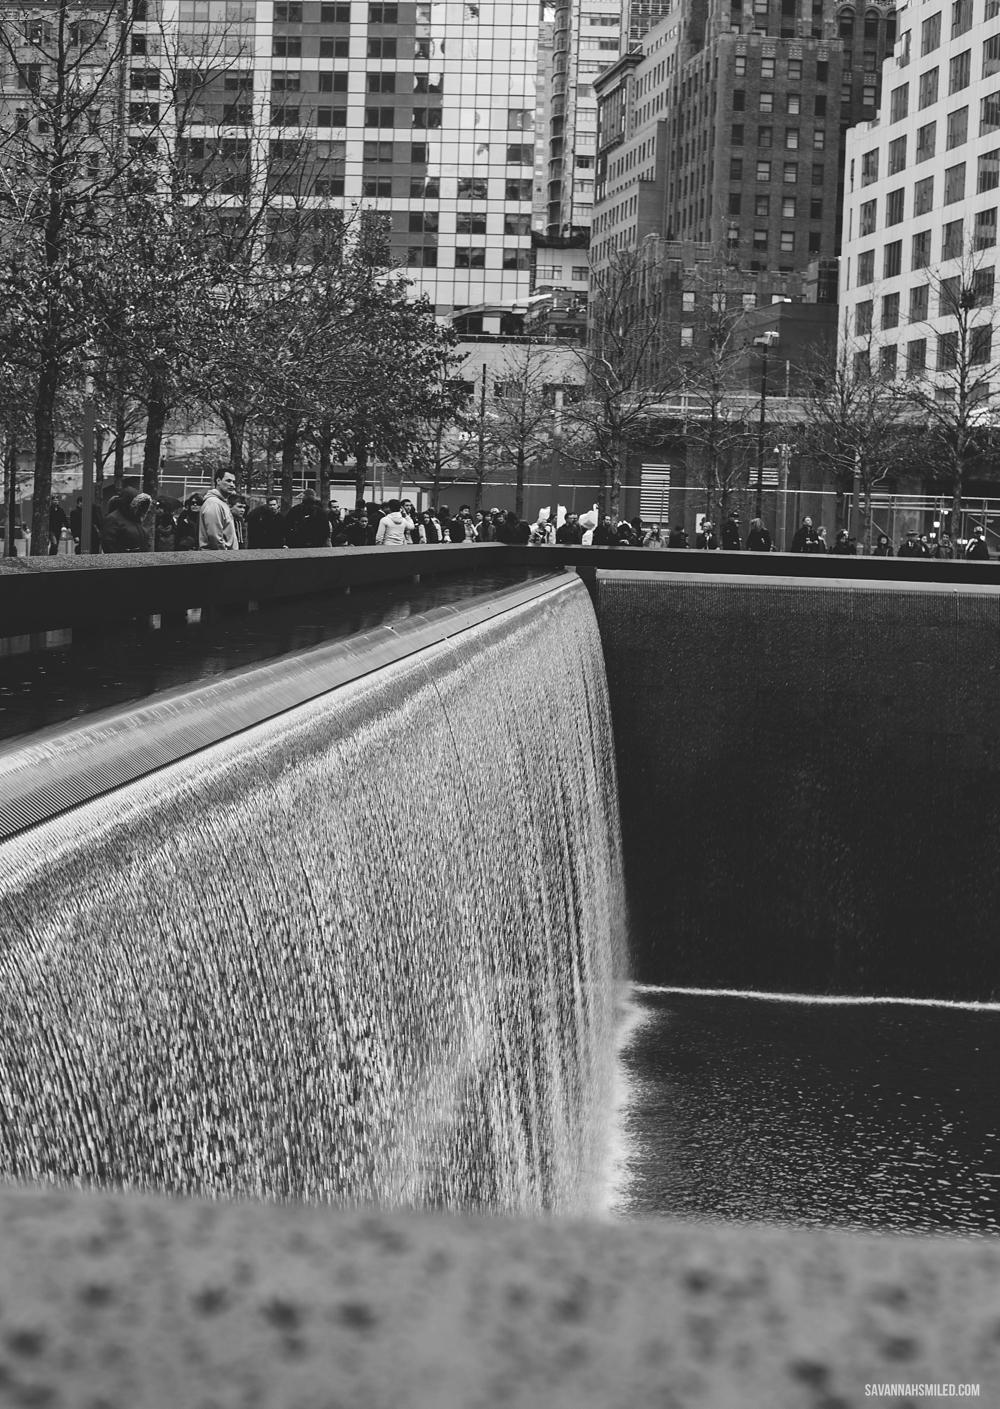 911-new-york-city-memorial-pools-8.jpg